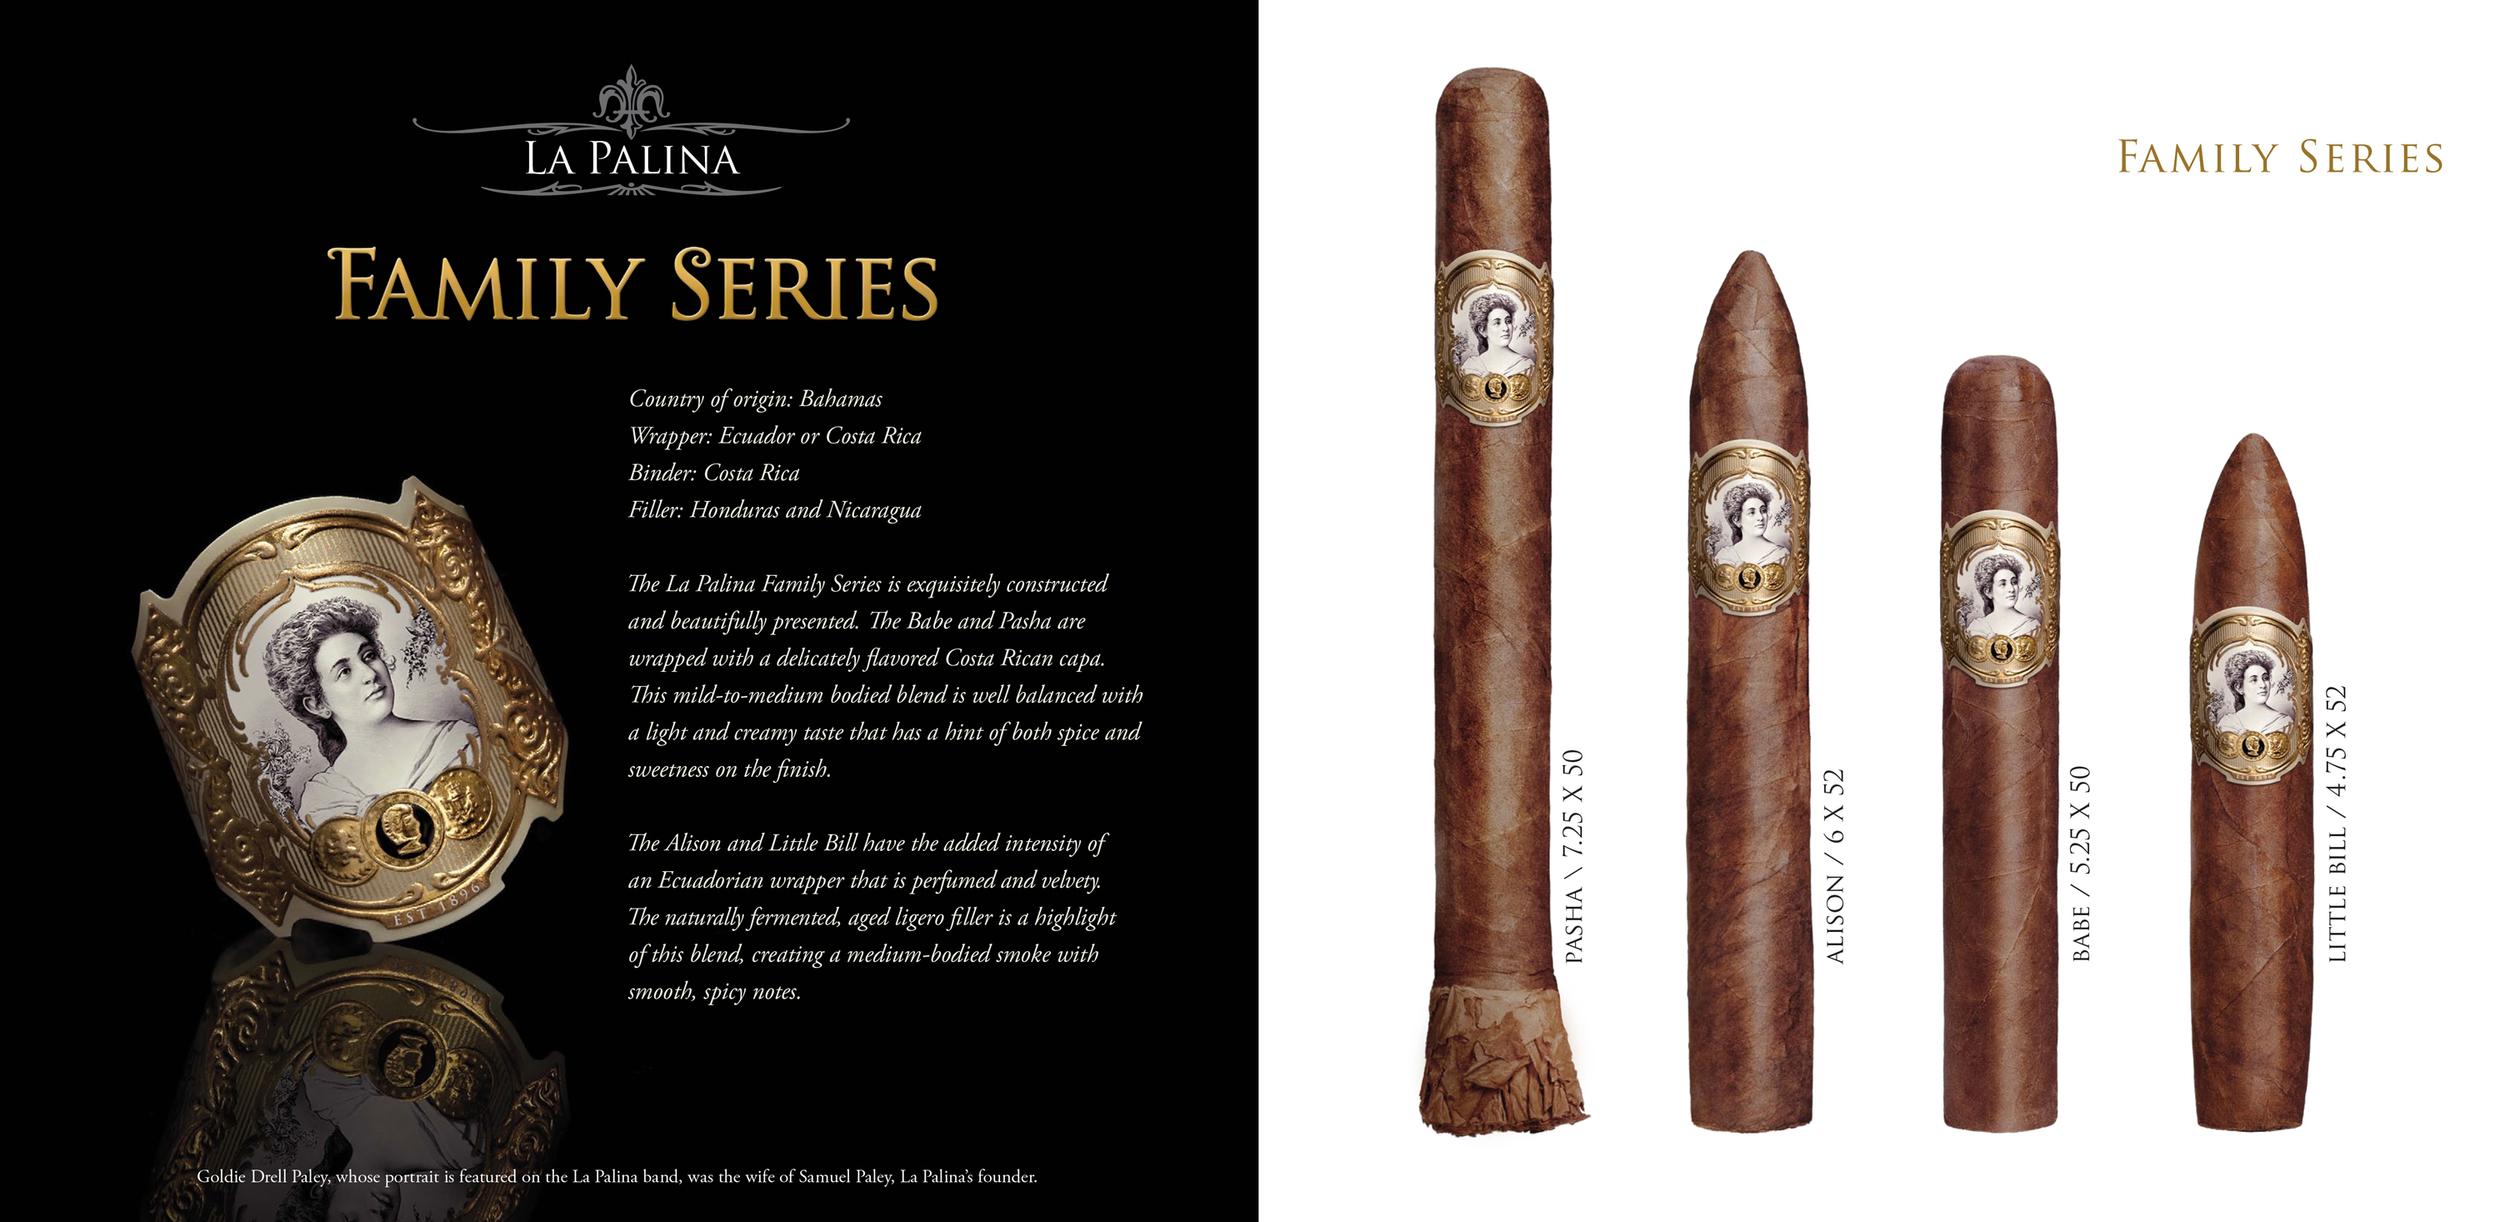 La Palina Cigars & Advertising, Retouching & editing at Thomas Canny Studio_.jpg